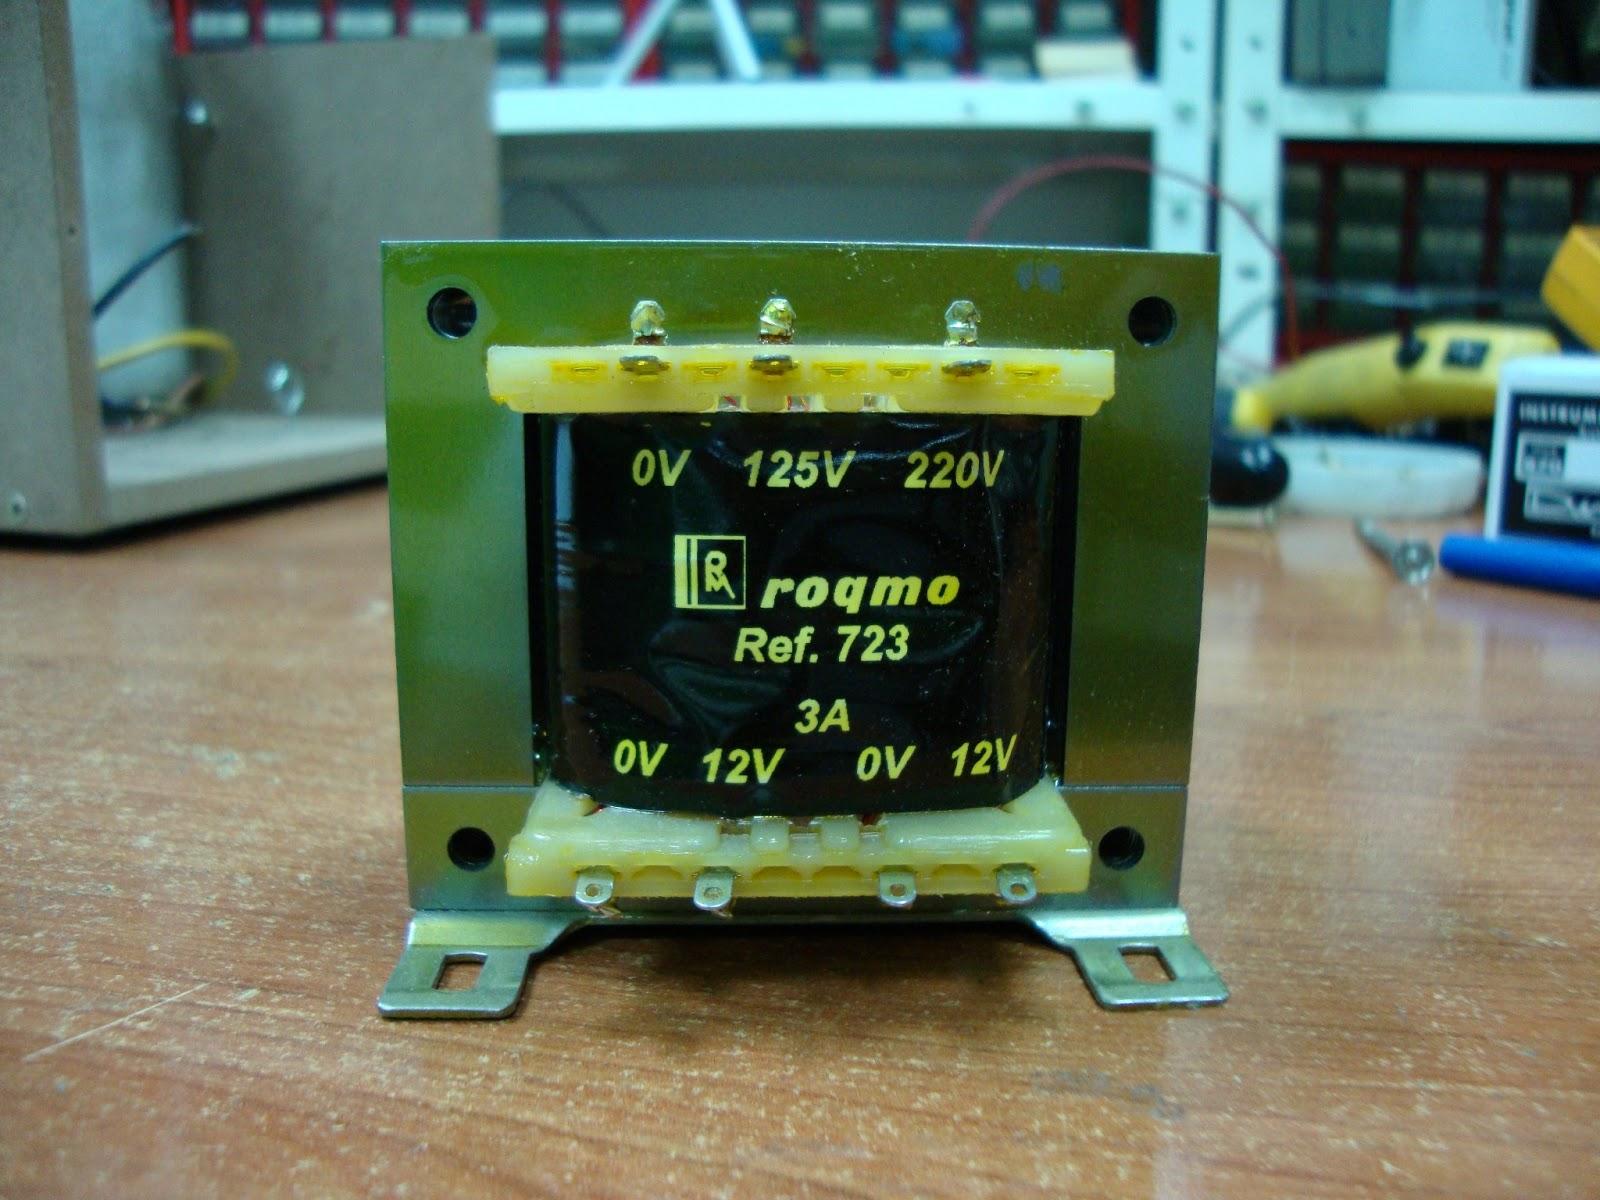 Ciencia inventos y experimentos en casa abril 2013 - Transformador 220v a 12v ...